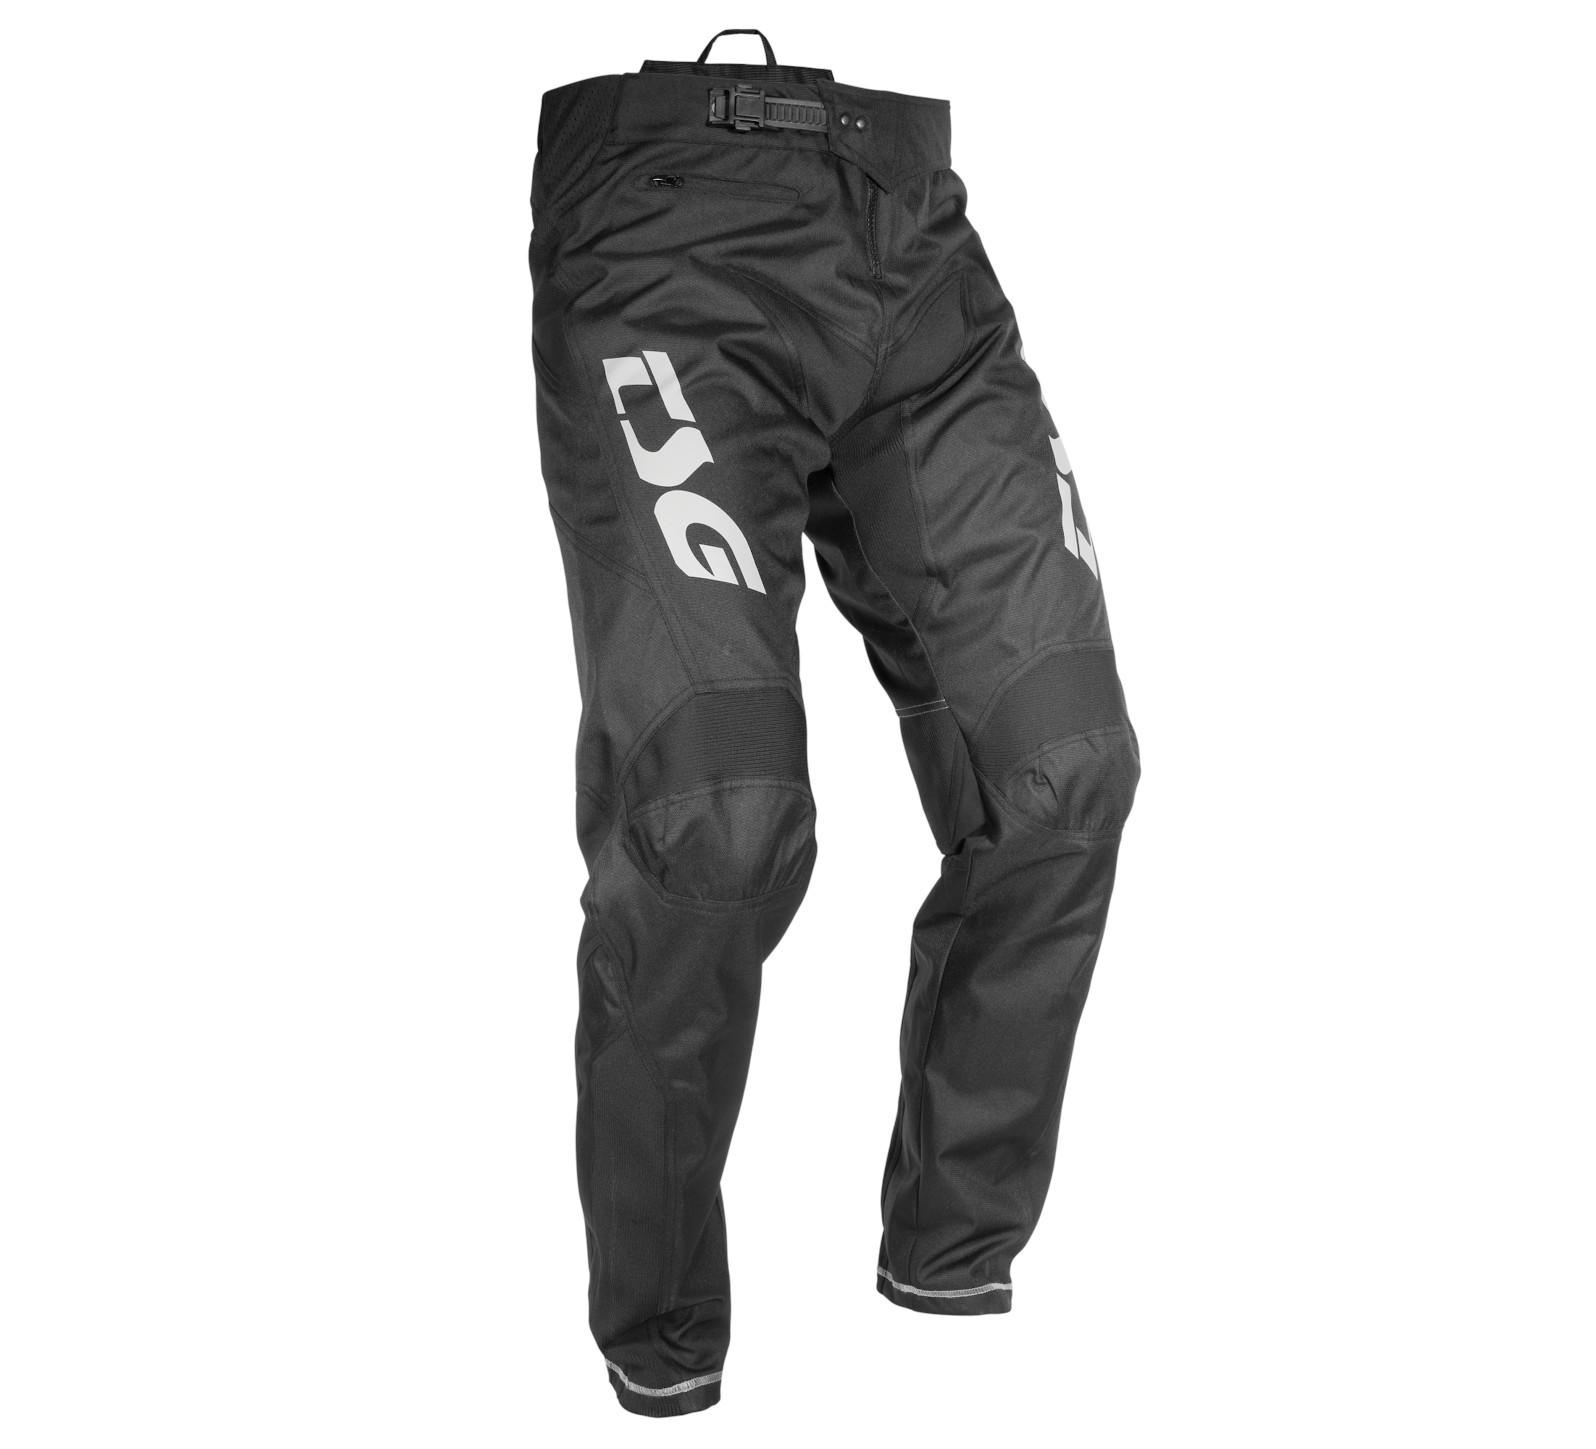 TSG BE3 DH Pants